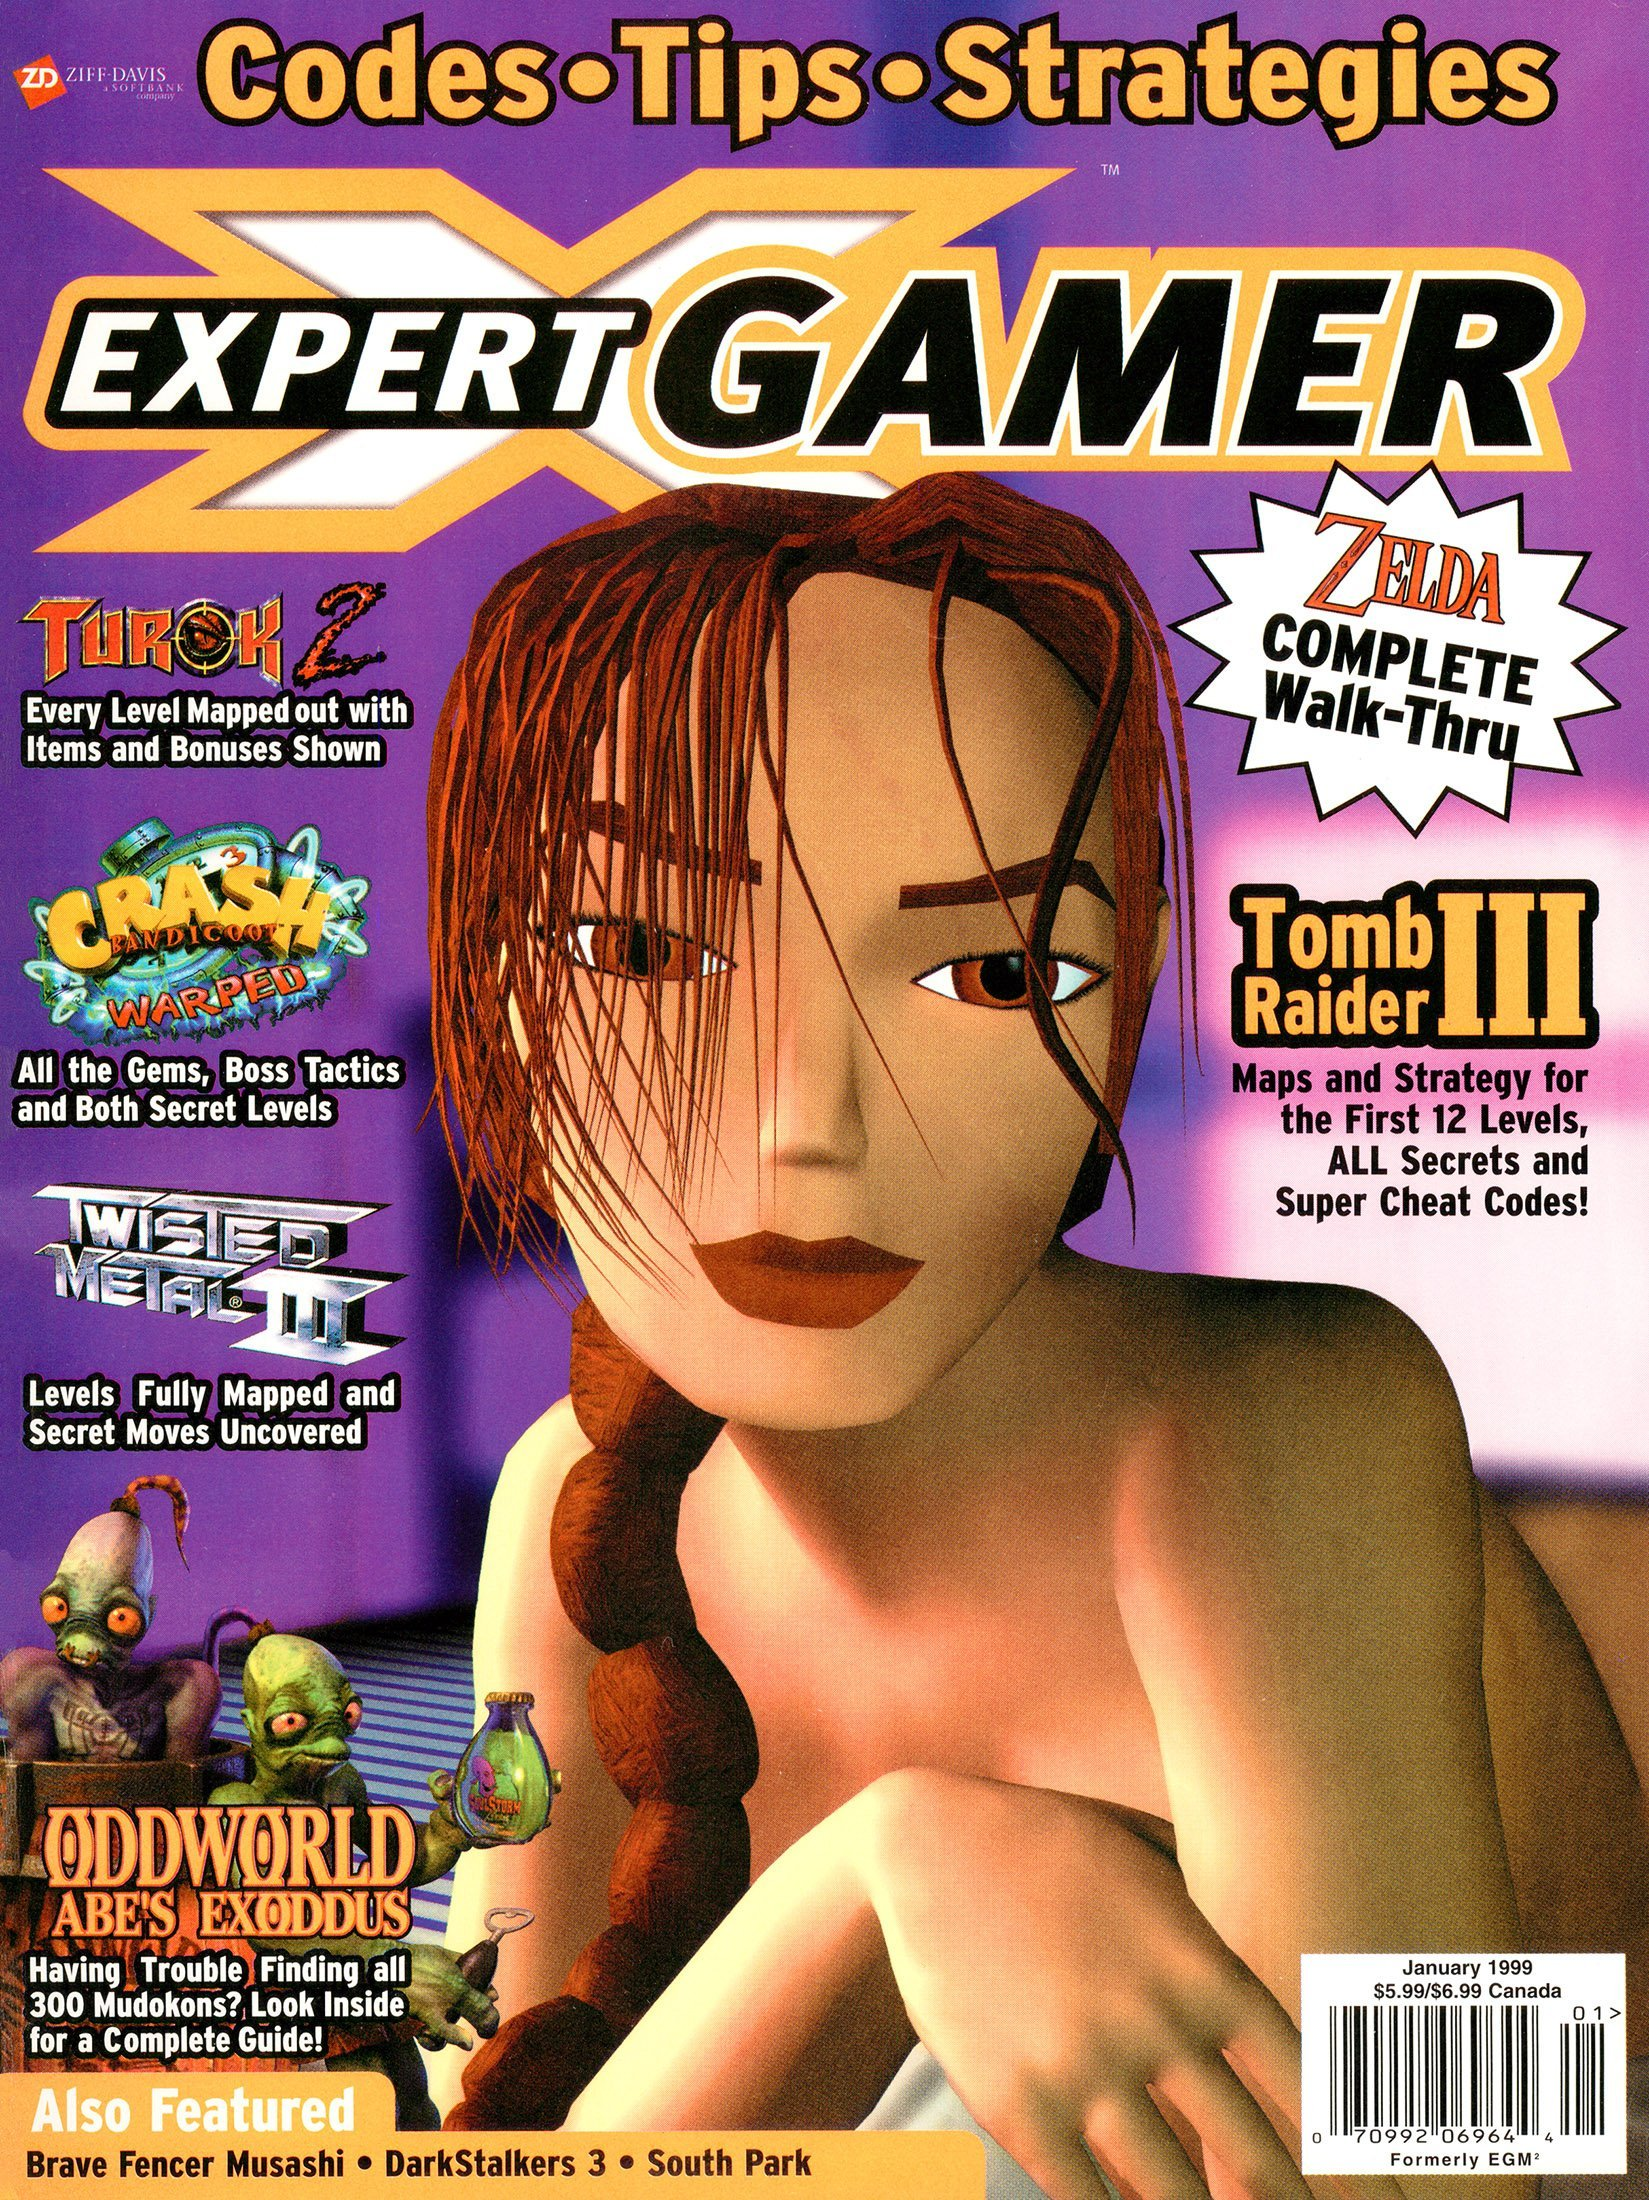 Expert Gamer Issue 55 (January 1999)